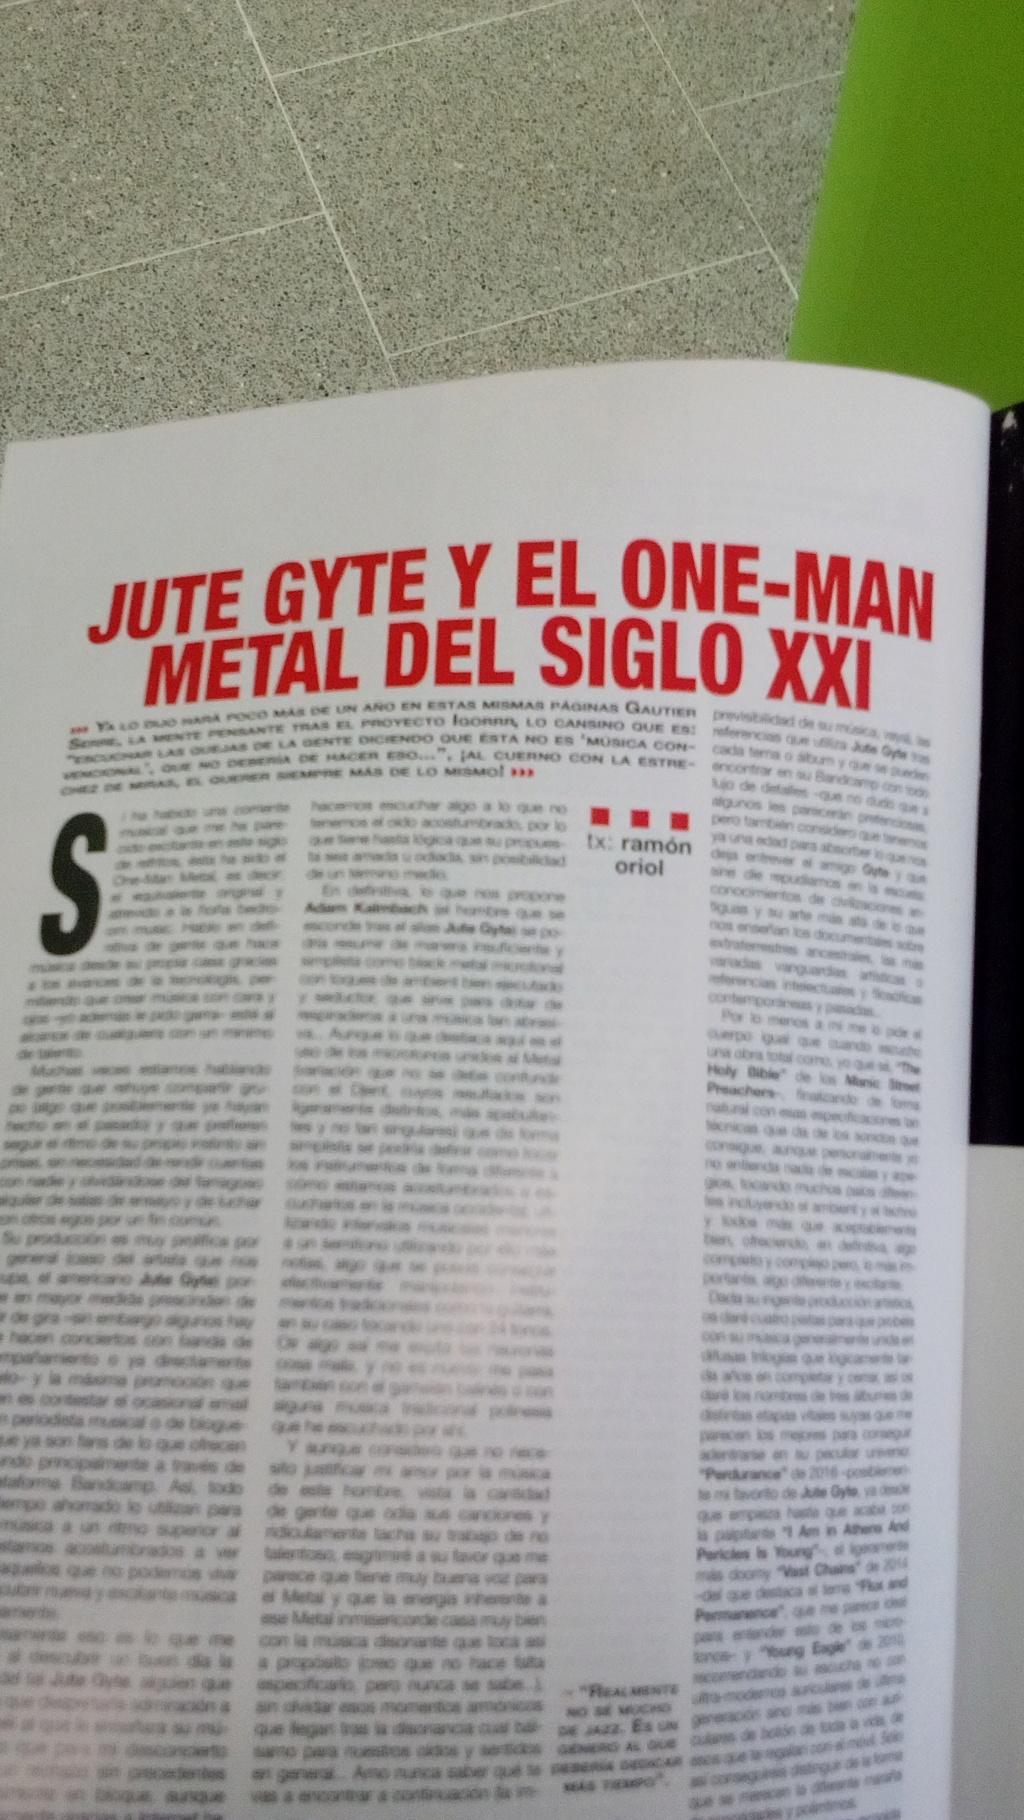 JUTE GYTE y el Metal del futuro - Página 3 J10